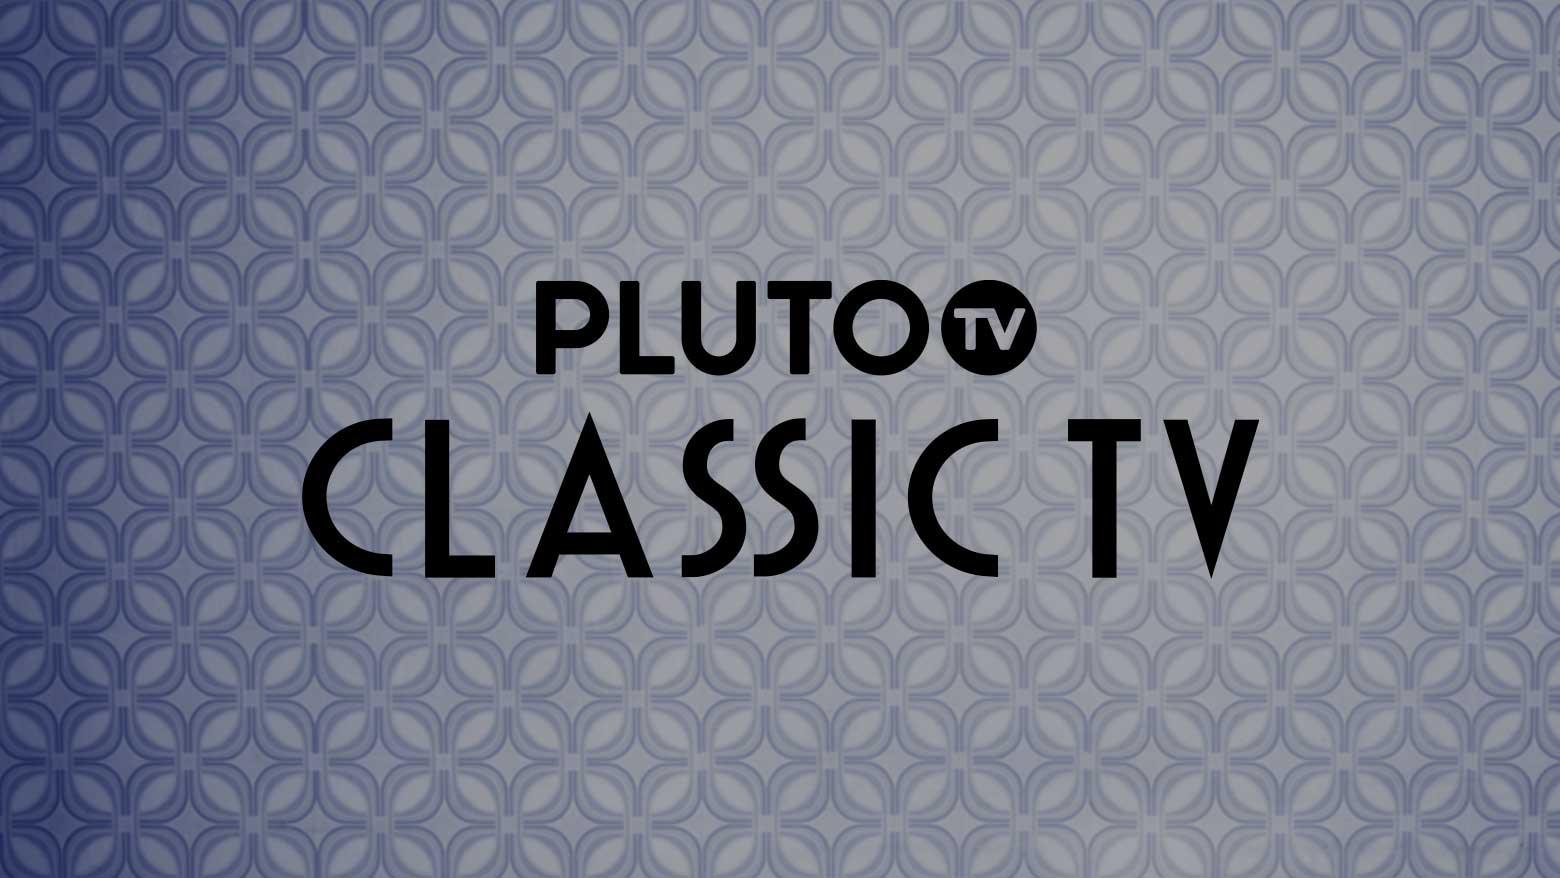 Pluto TV  Classic TV featuredImage.jpg